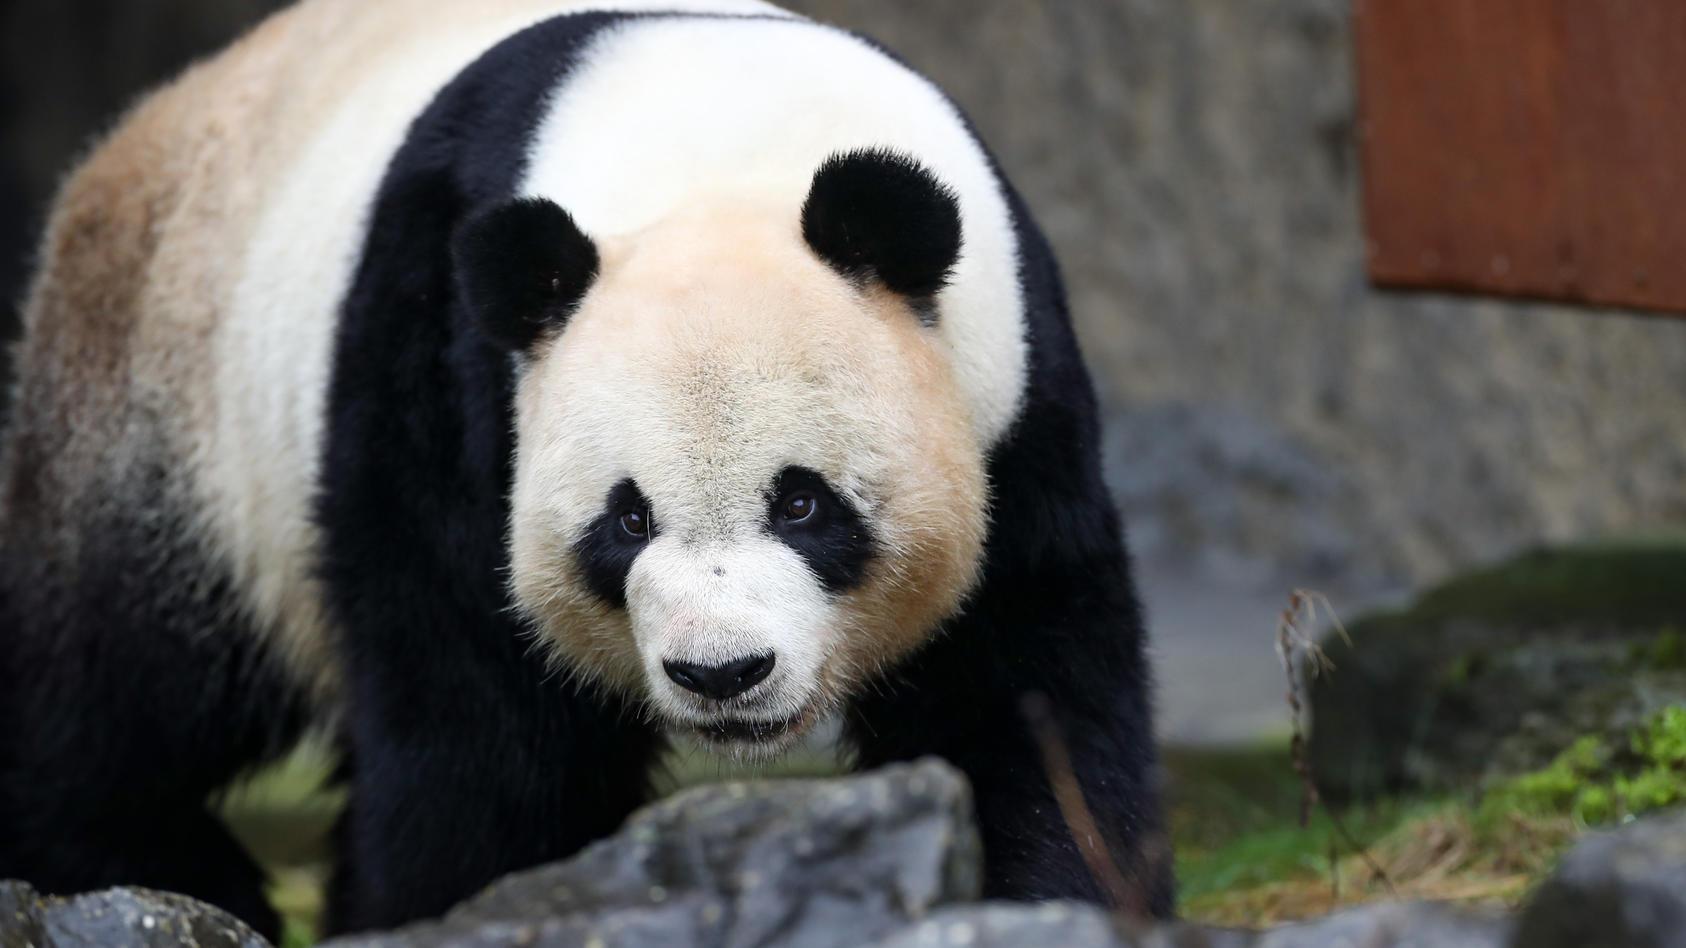 In einem belgischen Tierpark hat ein Pandabär am Samstagnachmittag einen Pfleger schwer verletzt.